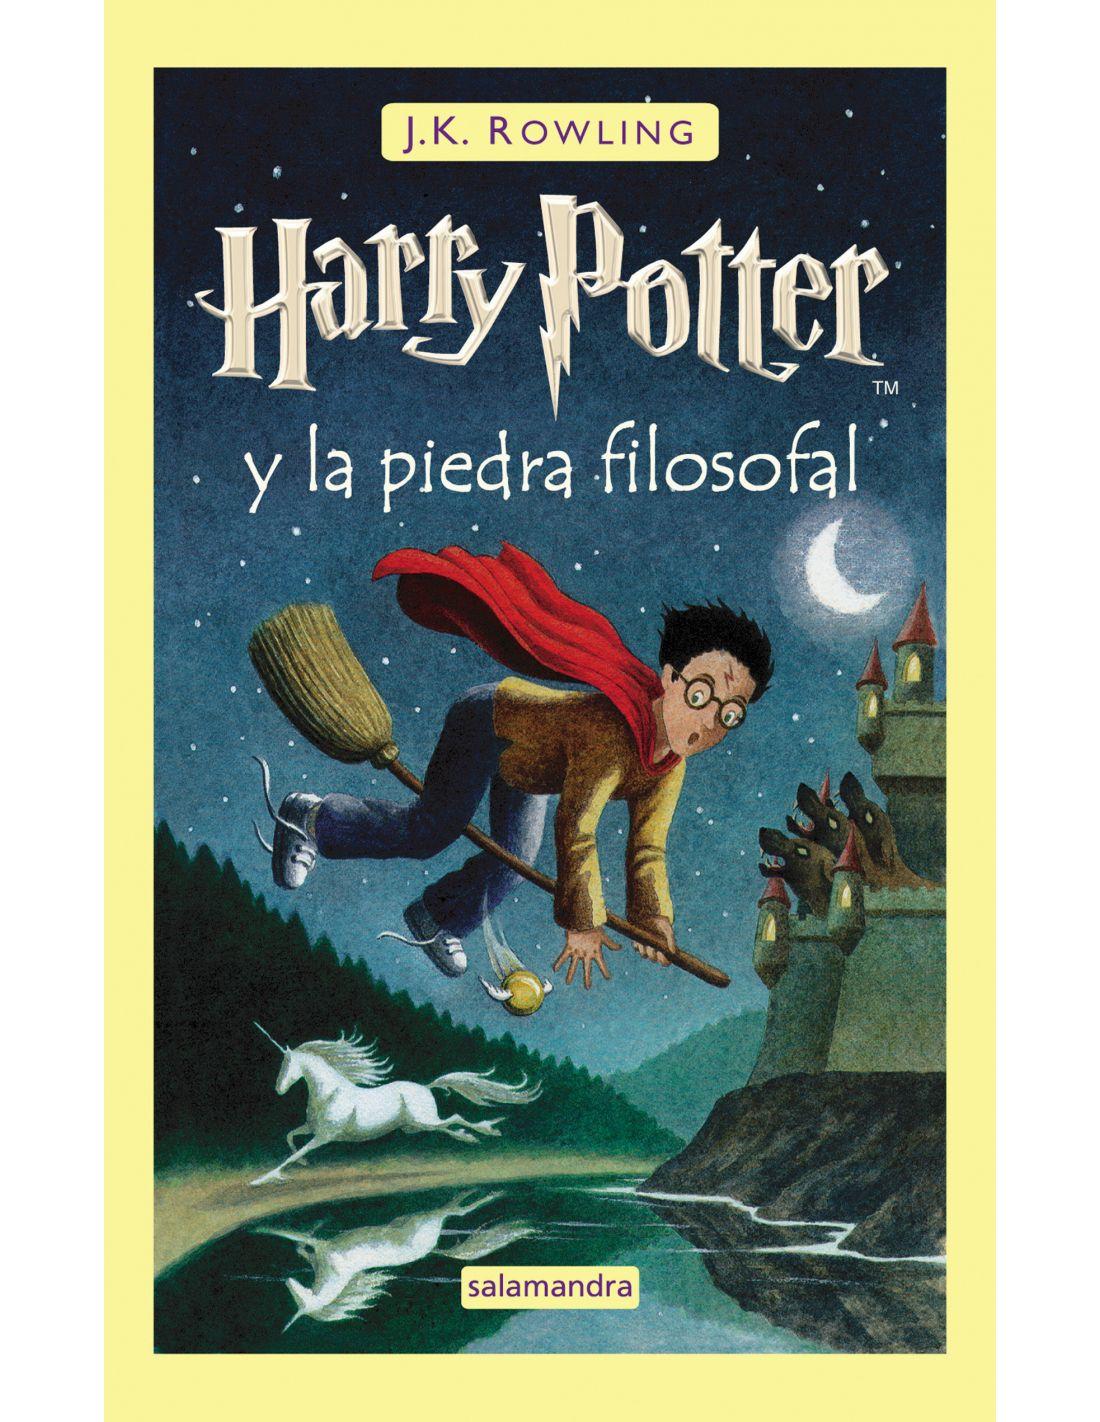 Mi rincón preferido: Harry Potter, de J. K Rowling